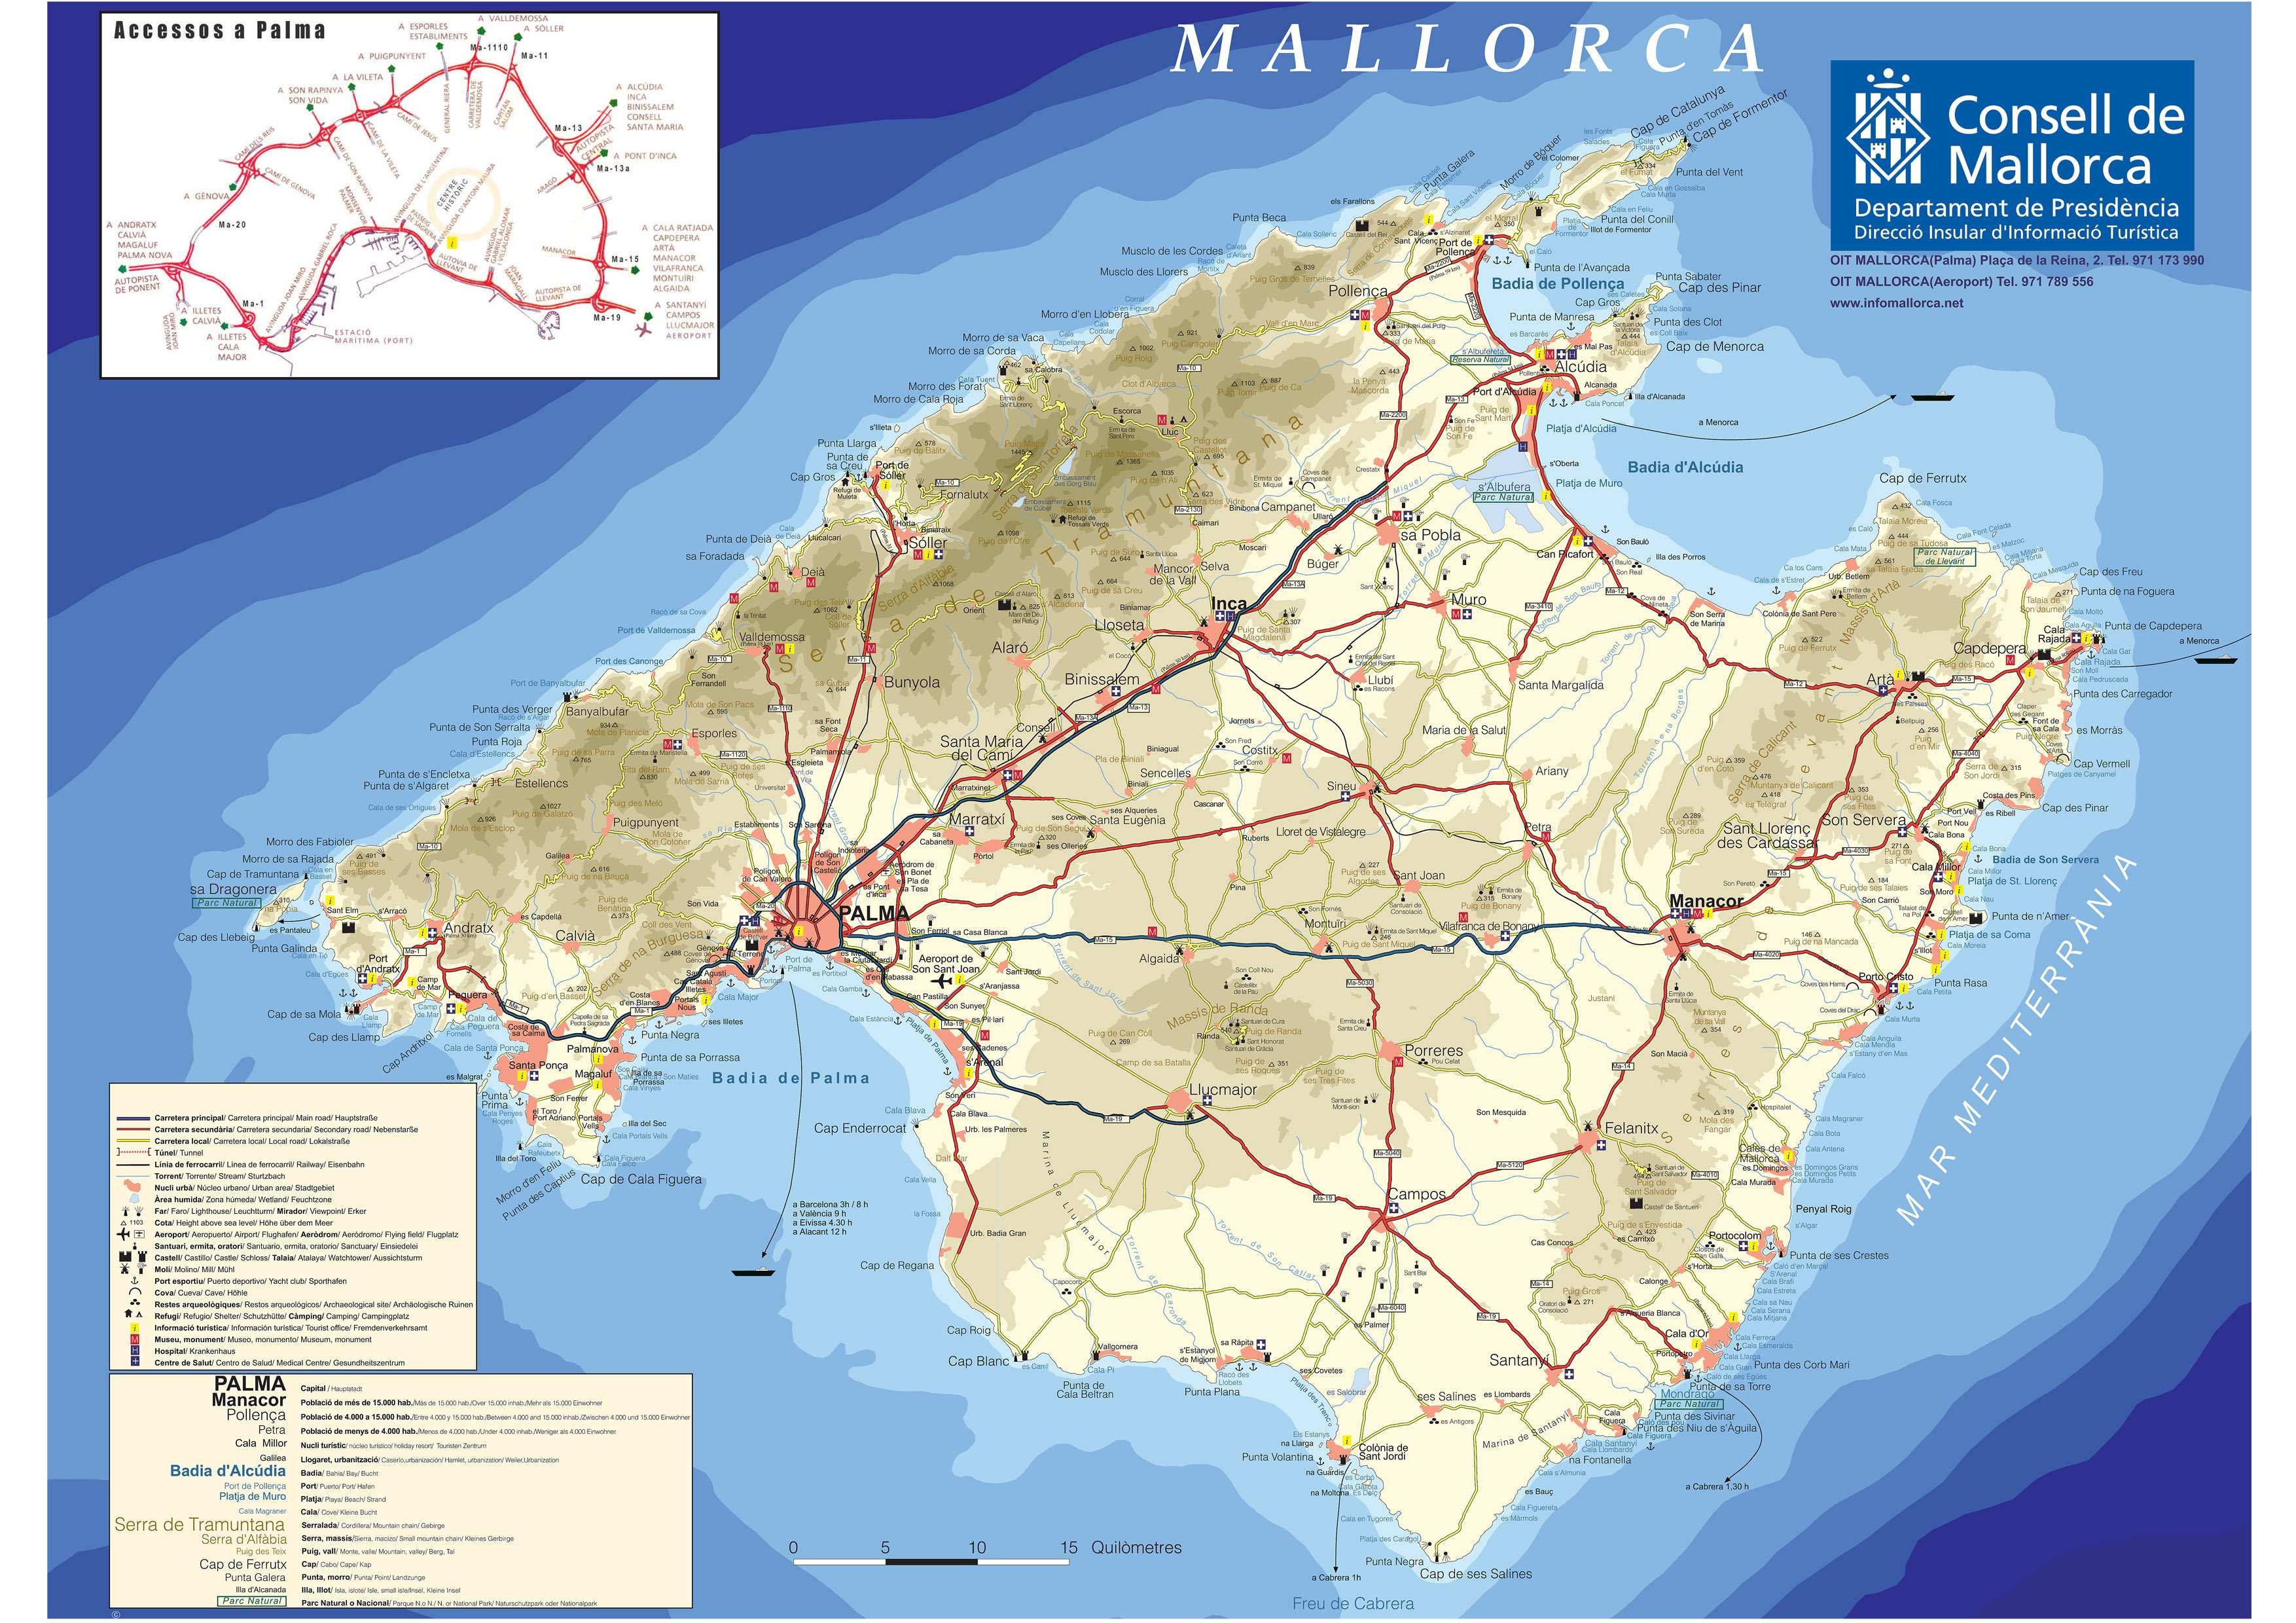 stadtplan von majorca detaillierte